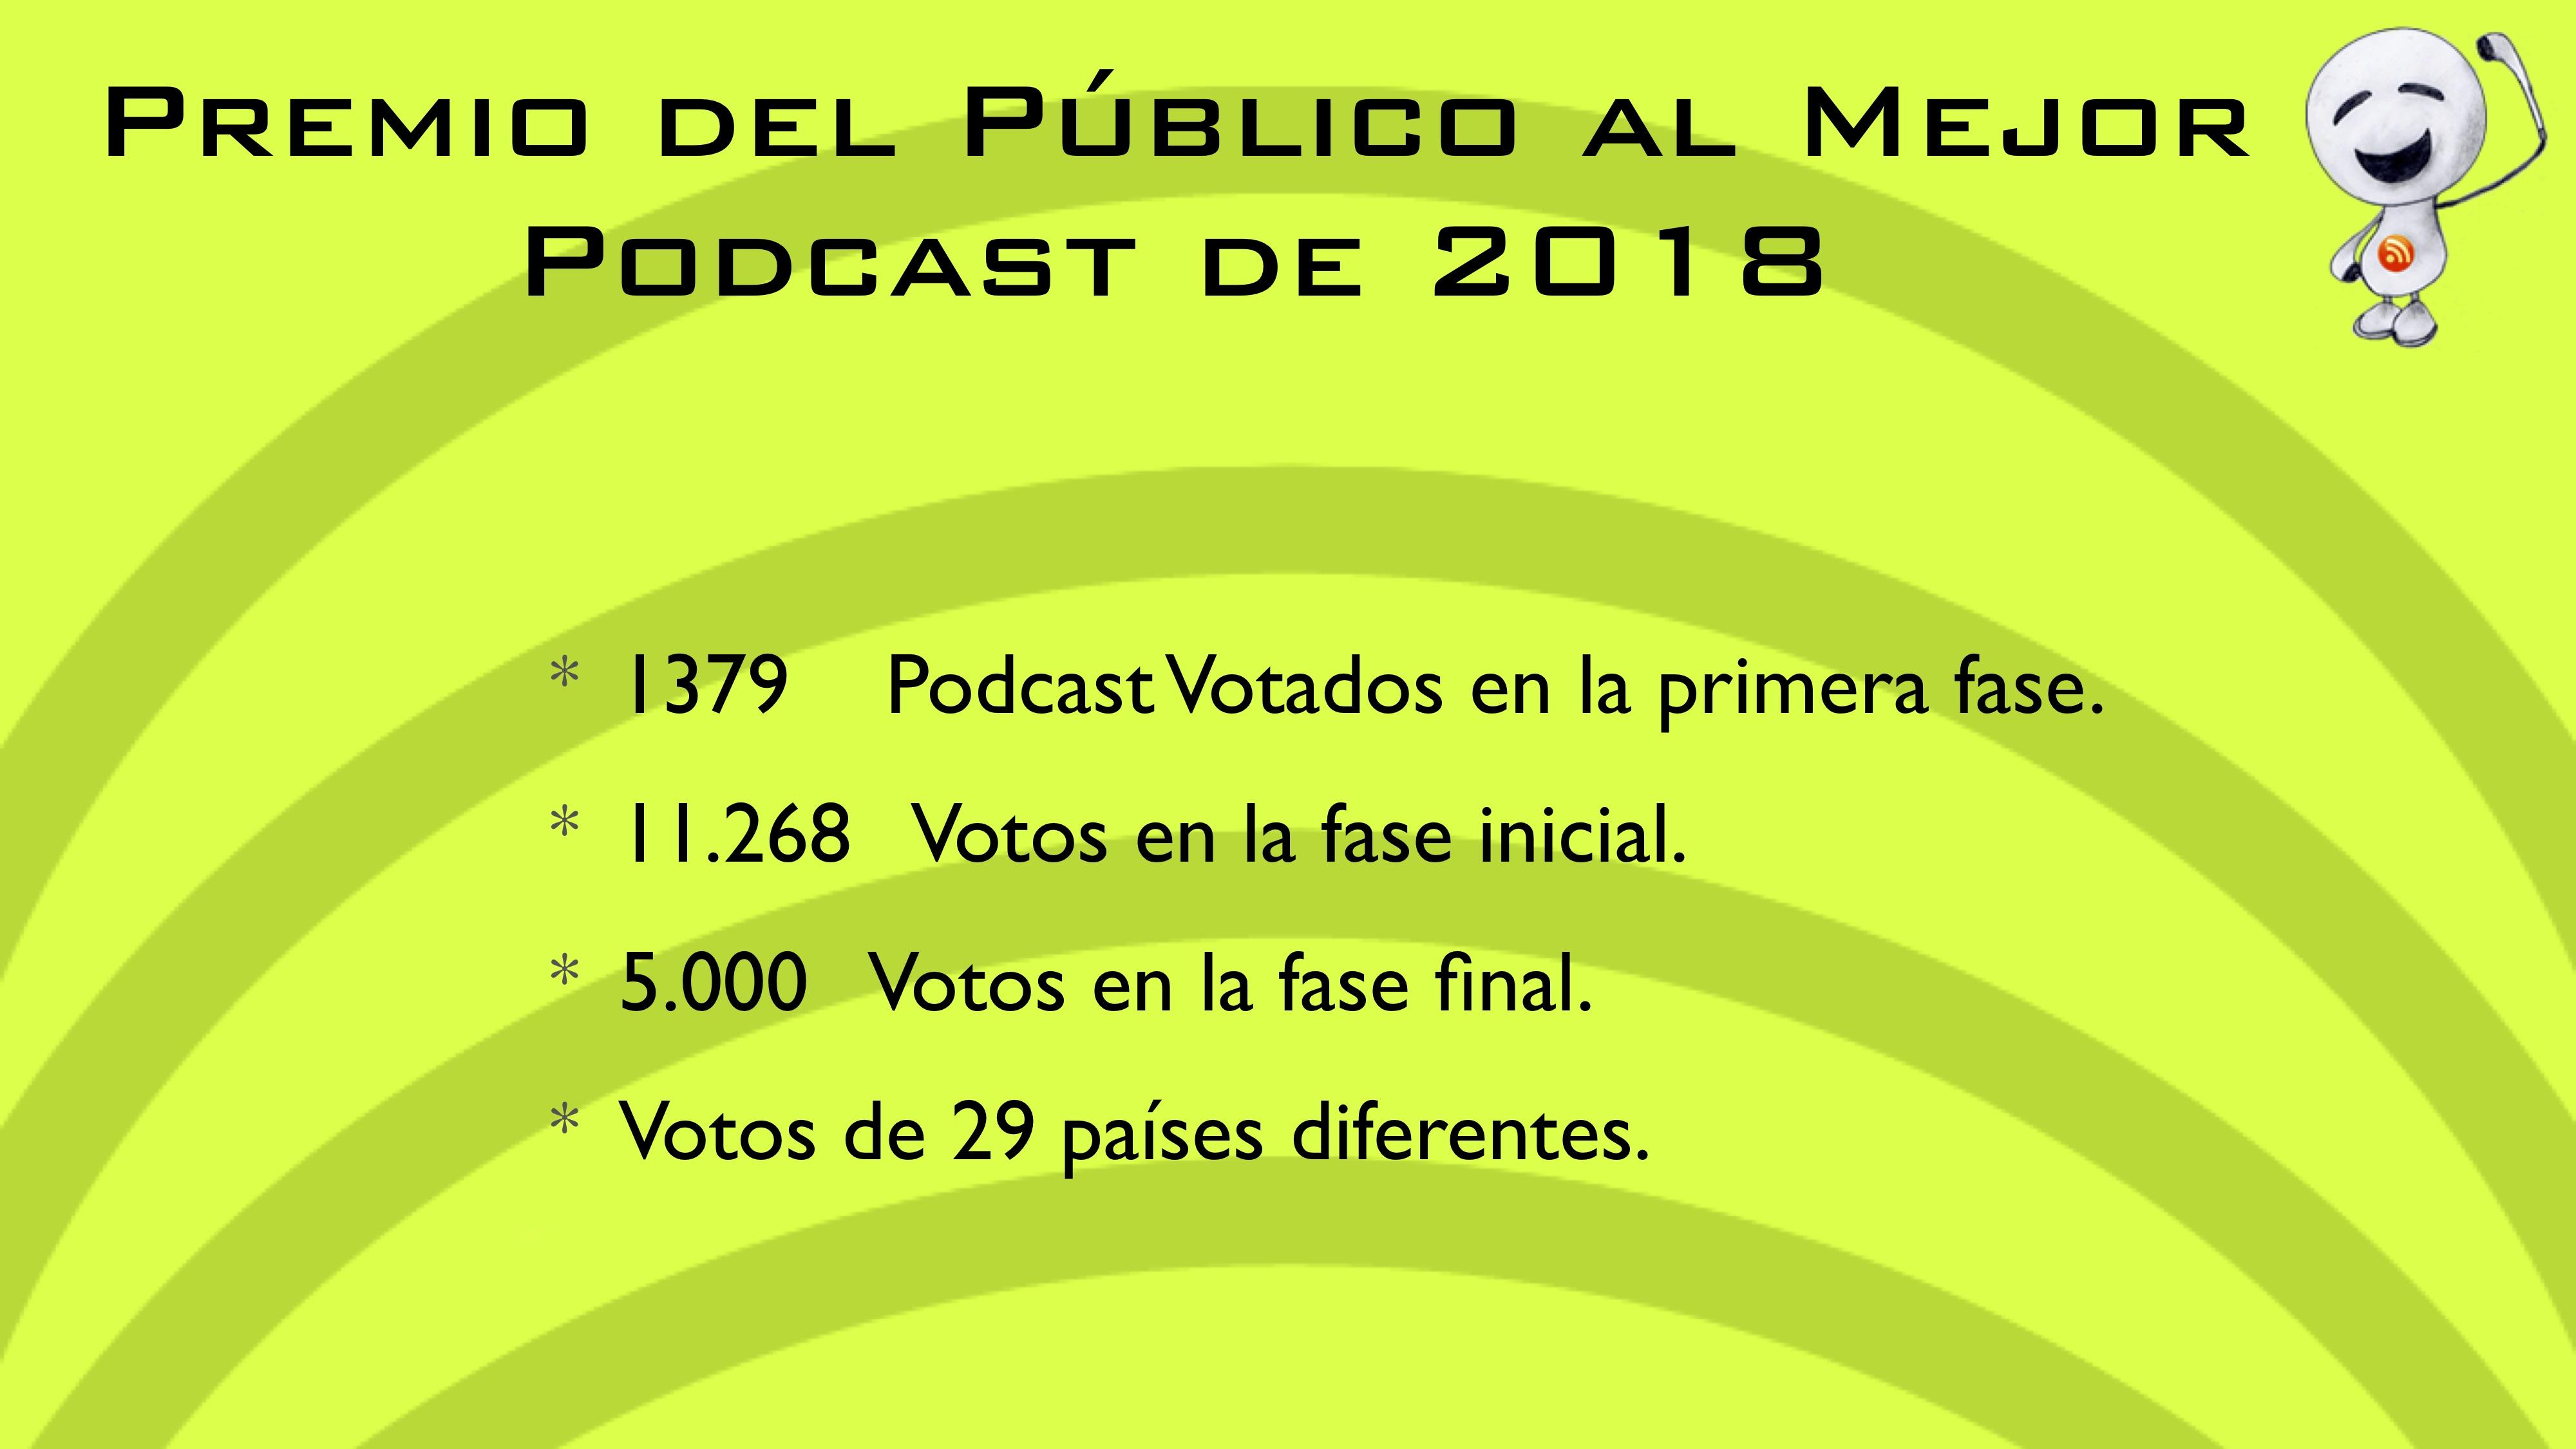 FINALISTAS AL MEJOR PODCAST DEL PÚBLICO 2018